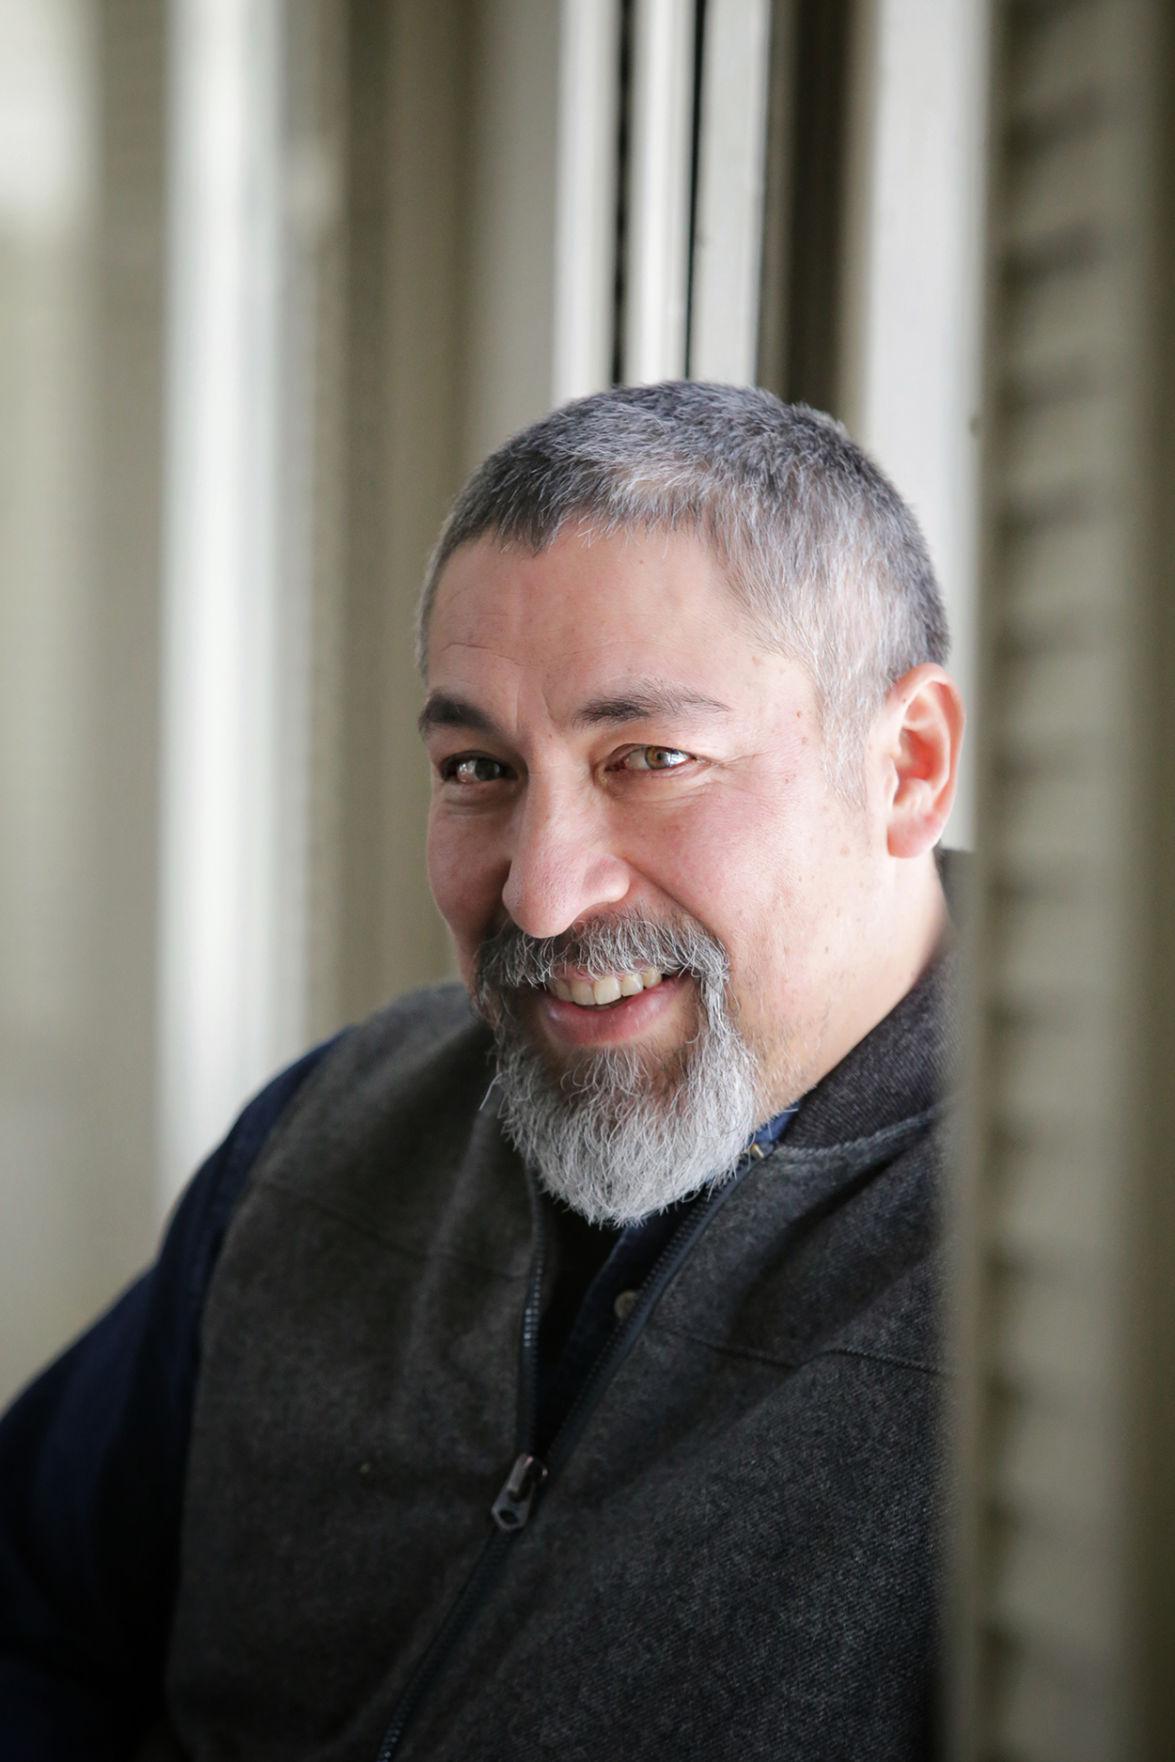 The Rev. Mark Koyama